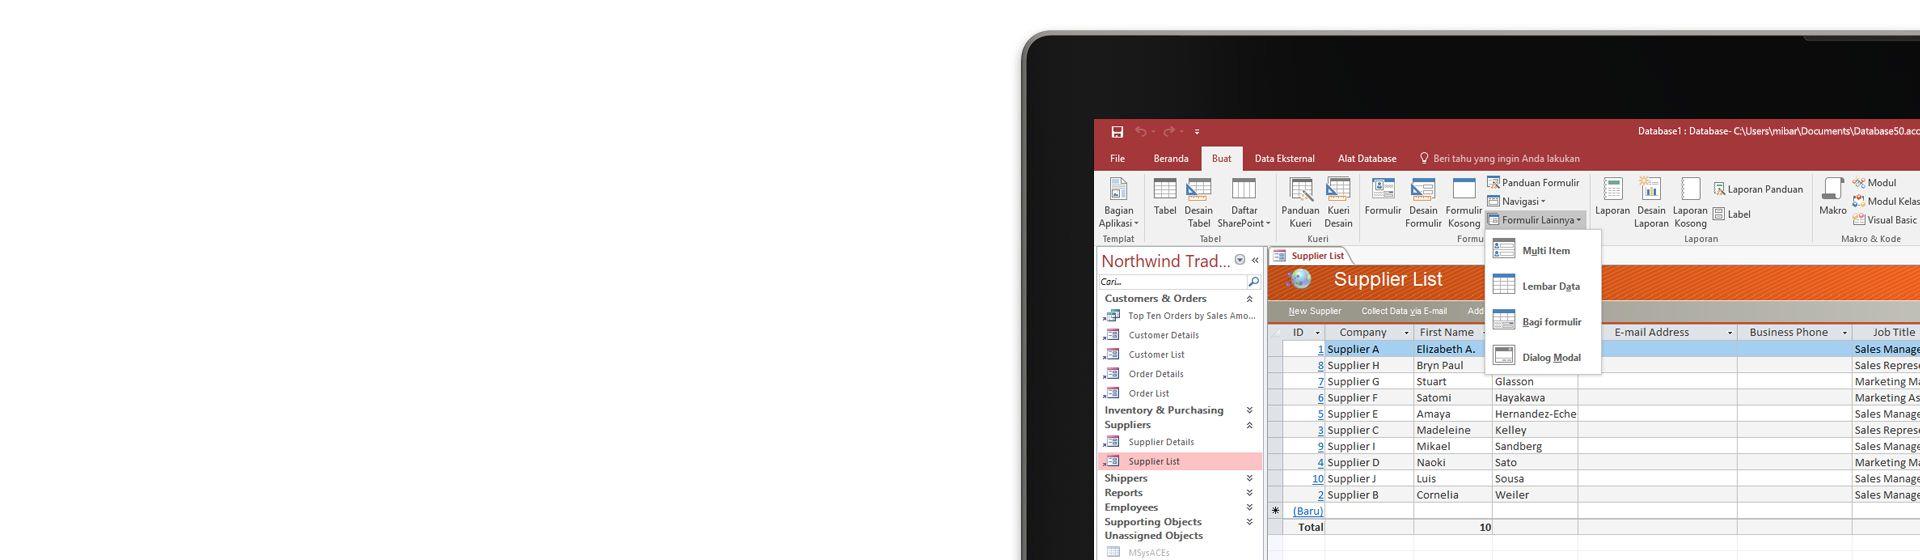 Sudut layar komputer menampilkan daftar pemasok dalam database di Microsoft Access.